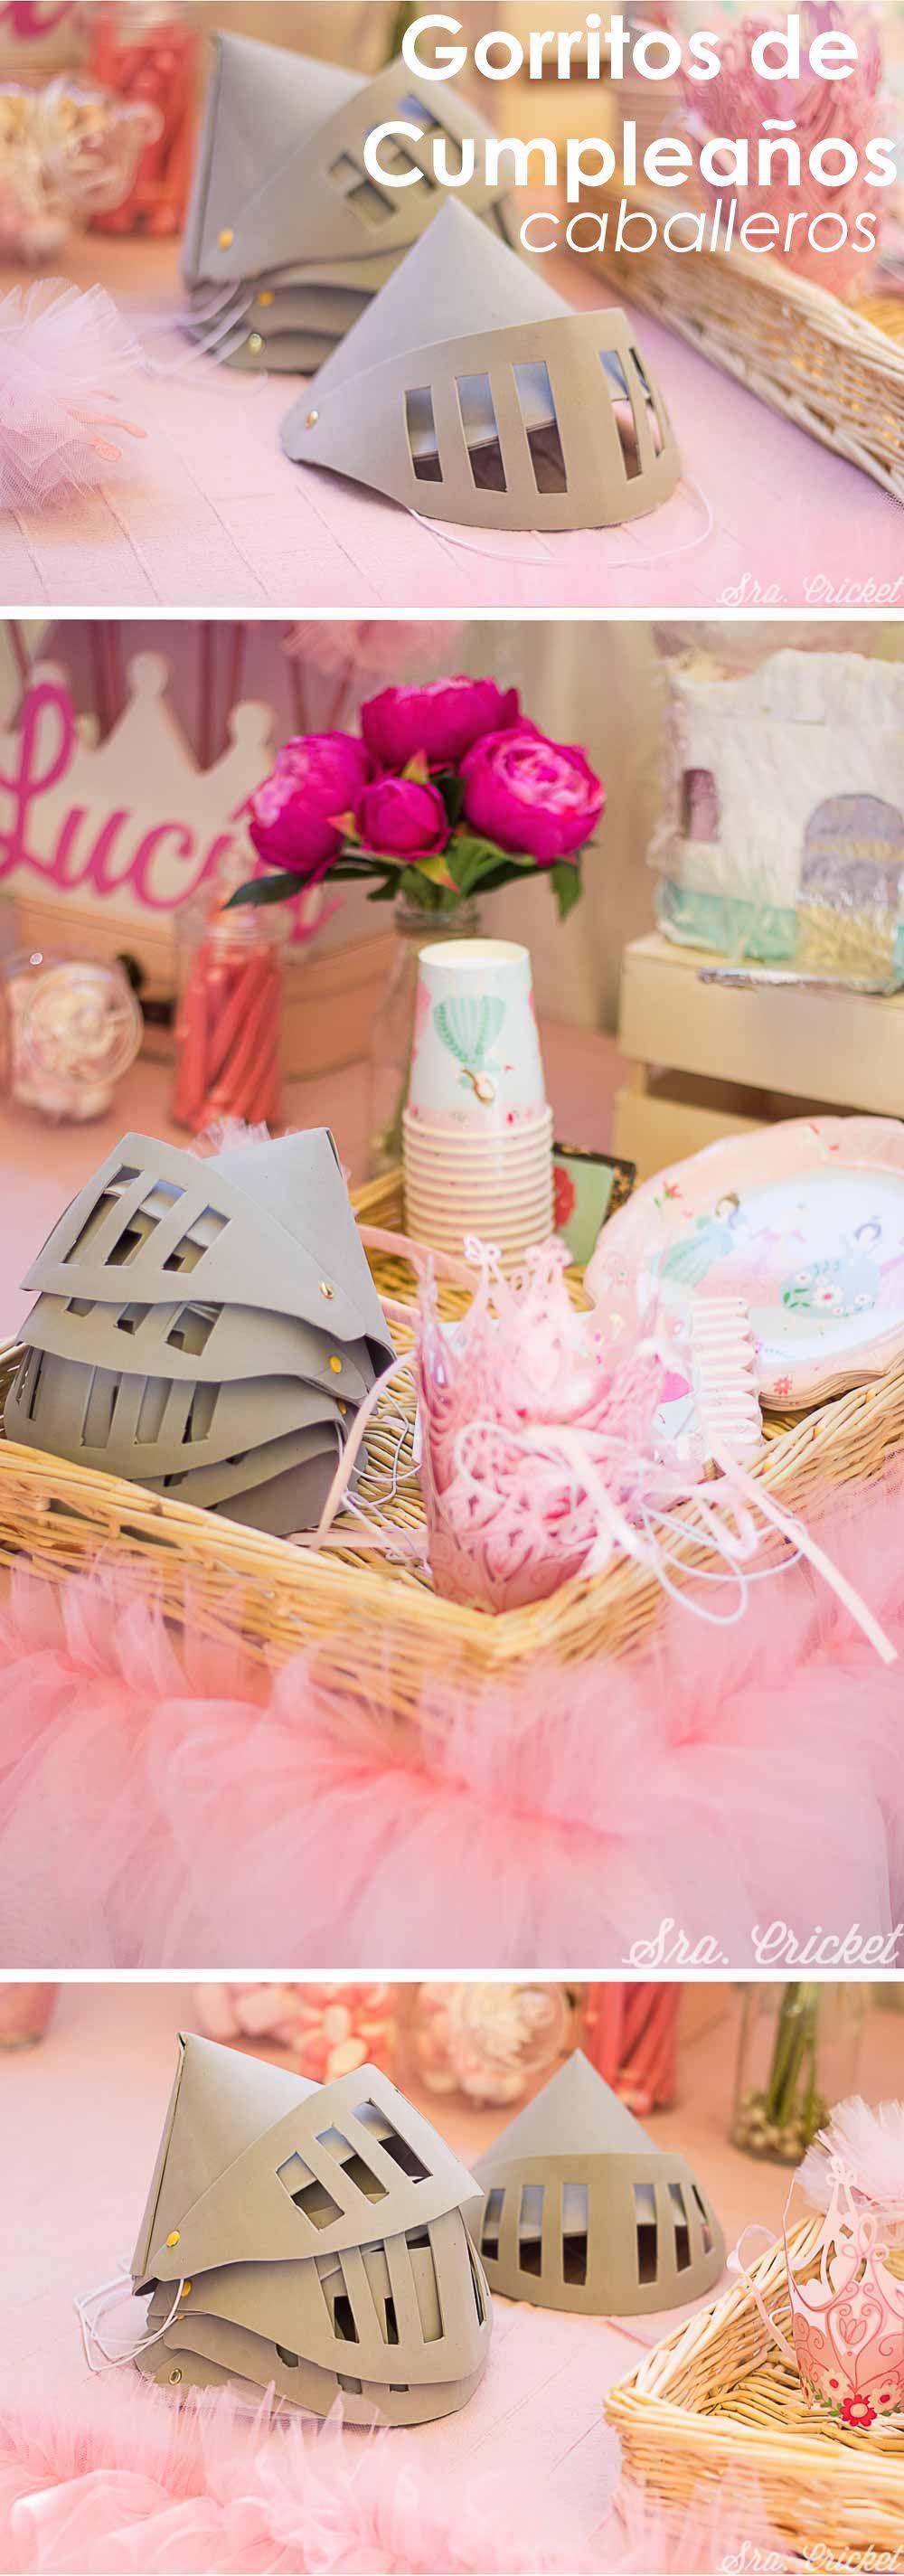 Fiesta de princesas ideas p fiestas fiesta de - Fiestas de cumpleanos de princesas ...